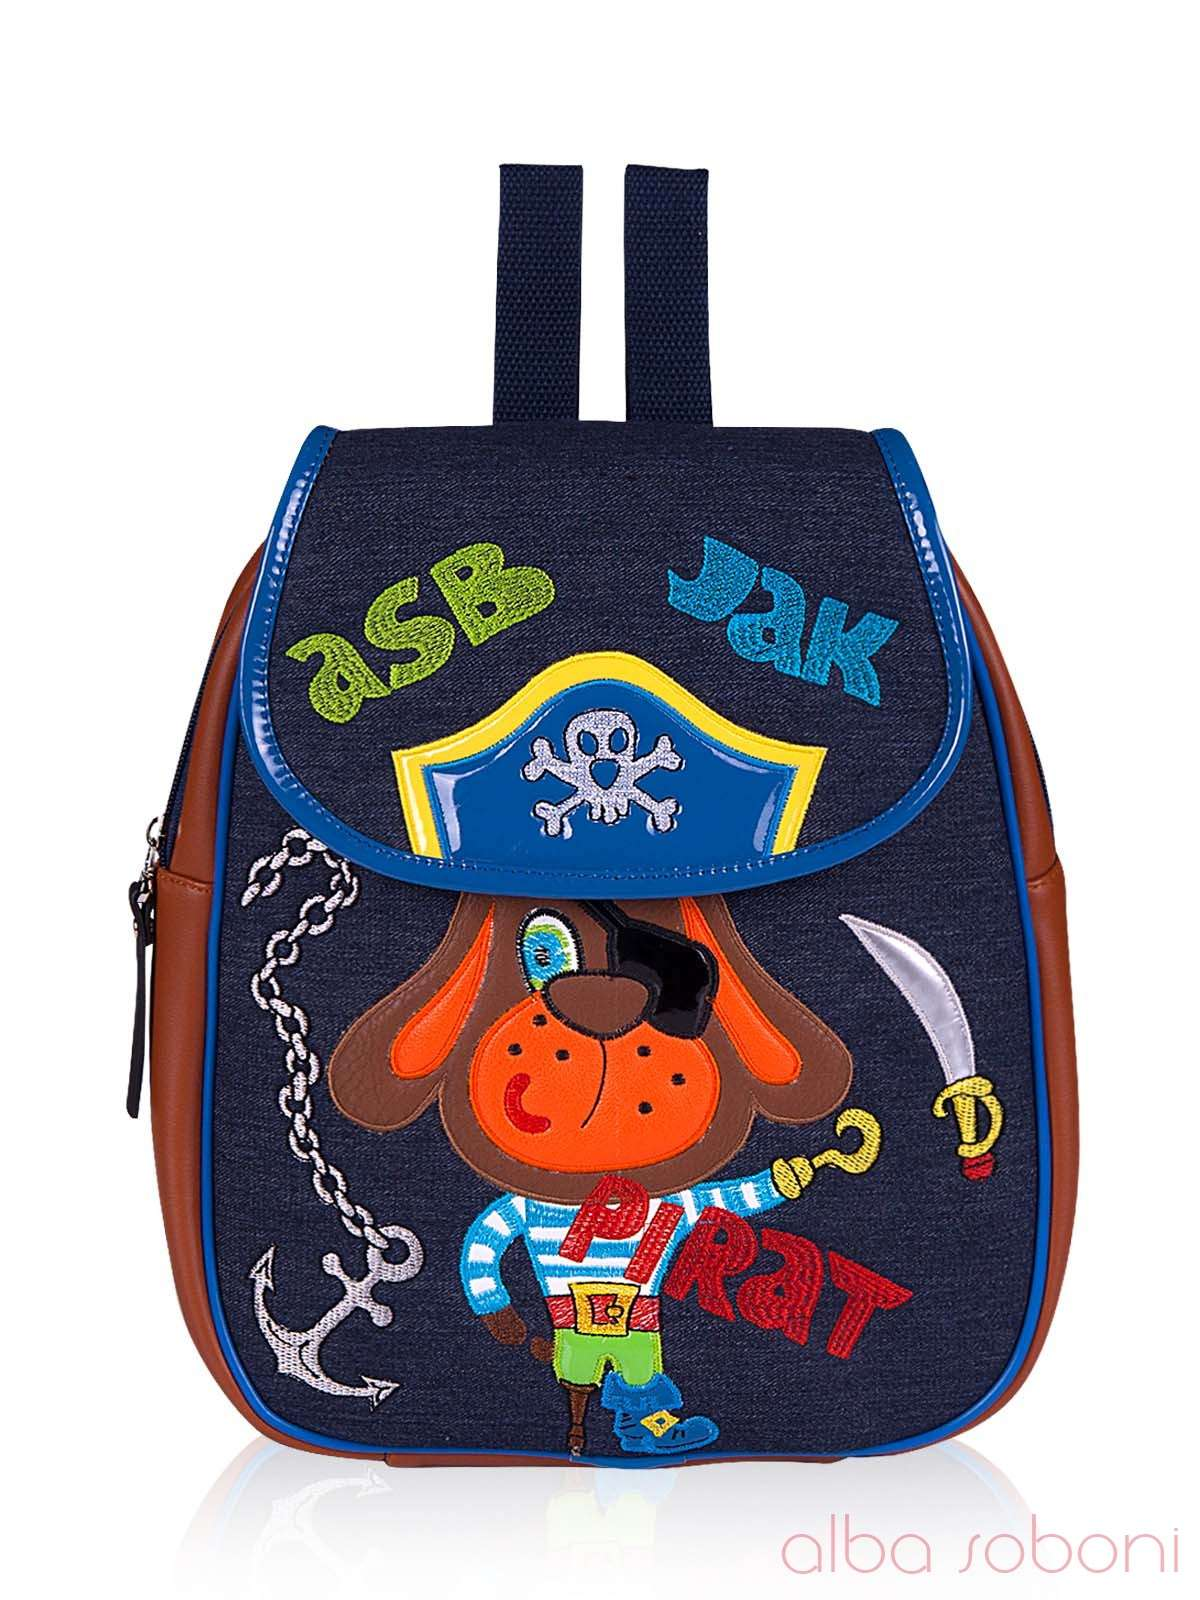 Стильний дитячий рюкзак, модель 0220 коричневий, купити в інтернет-магазині  alba soboni. eca0a1d43e6